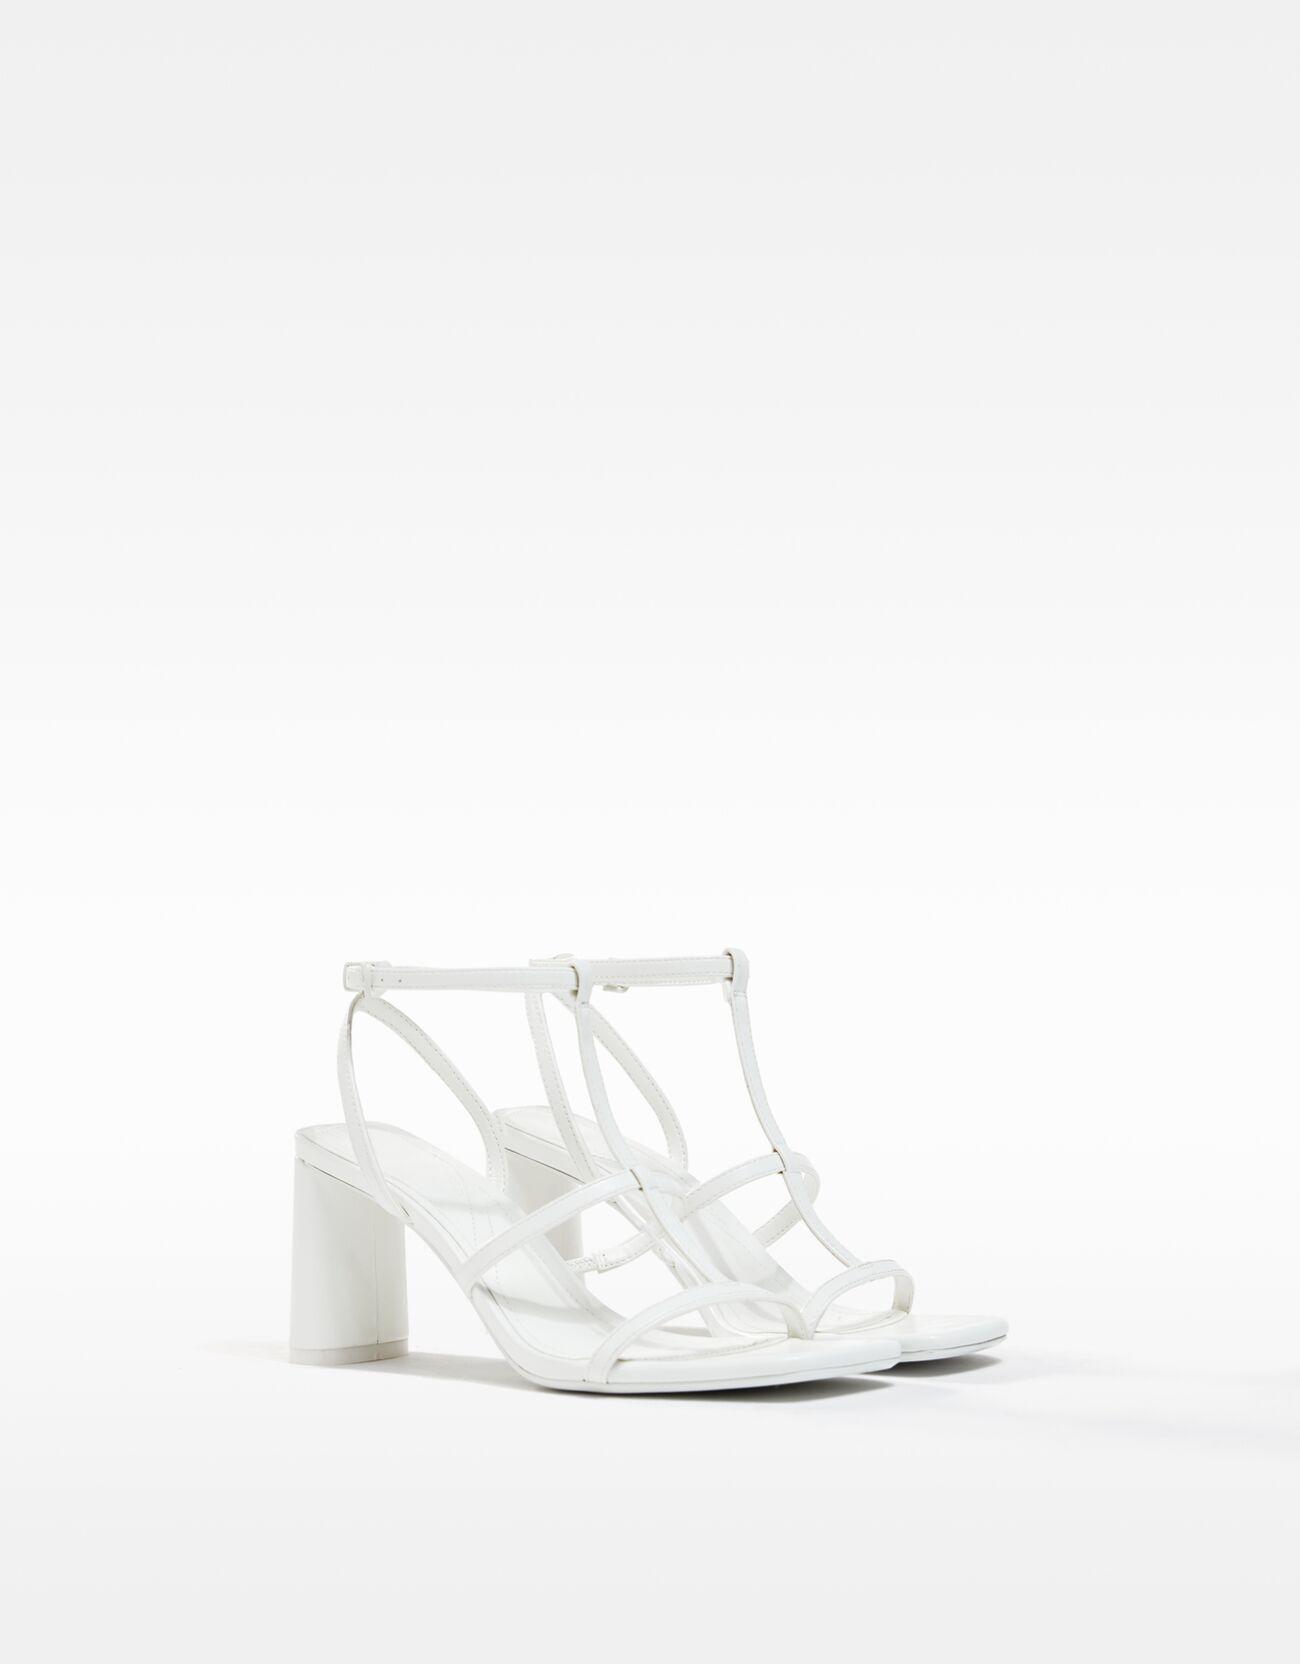 bershka -  Sandalen Mit Absatz Und Knöchelriemchen Damen 36 Weiss